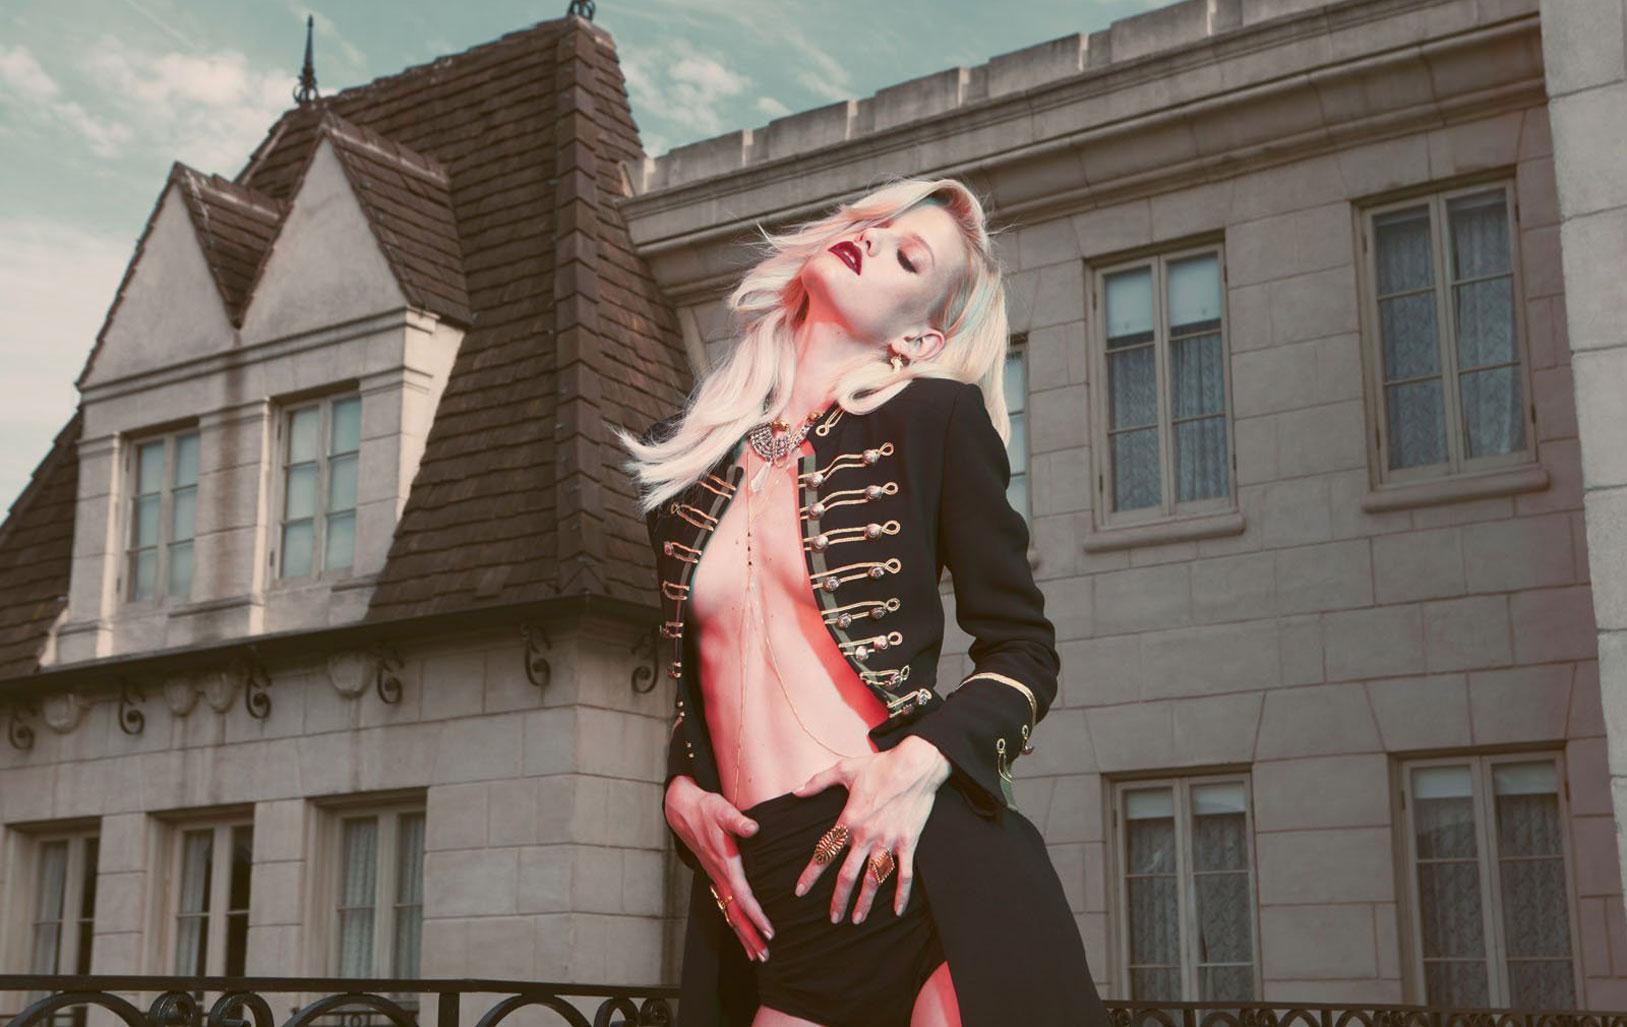 Дженнифер Пью в модной одежде бренда Vanessa Mooney / фото 10